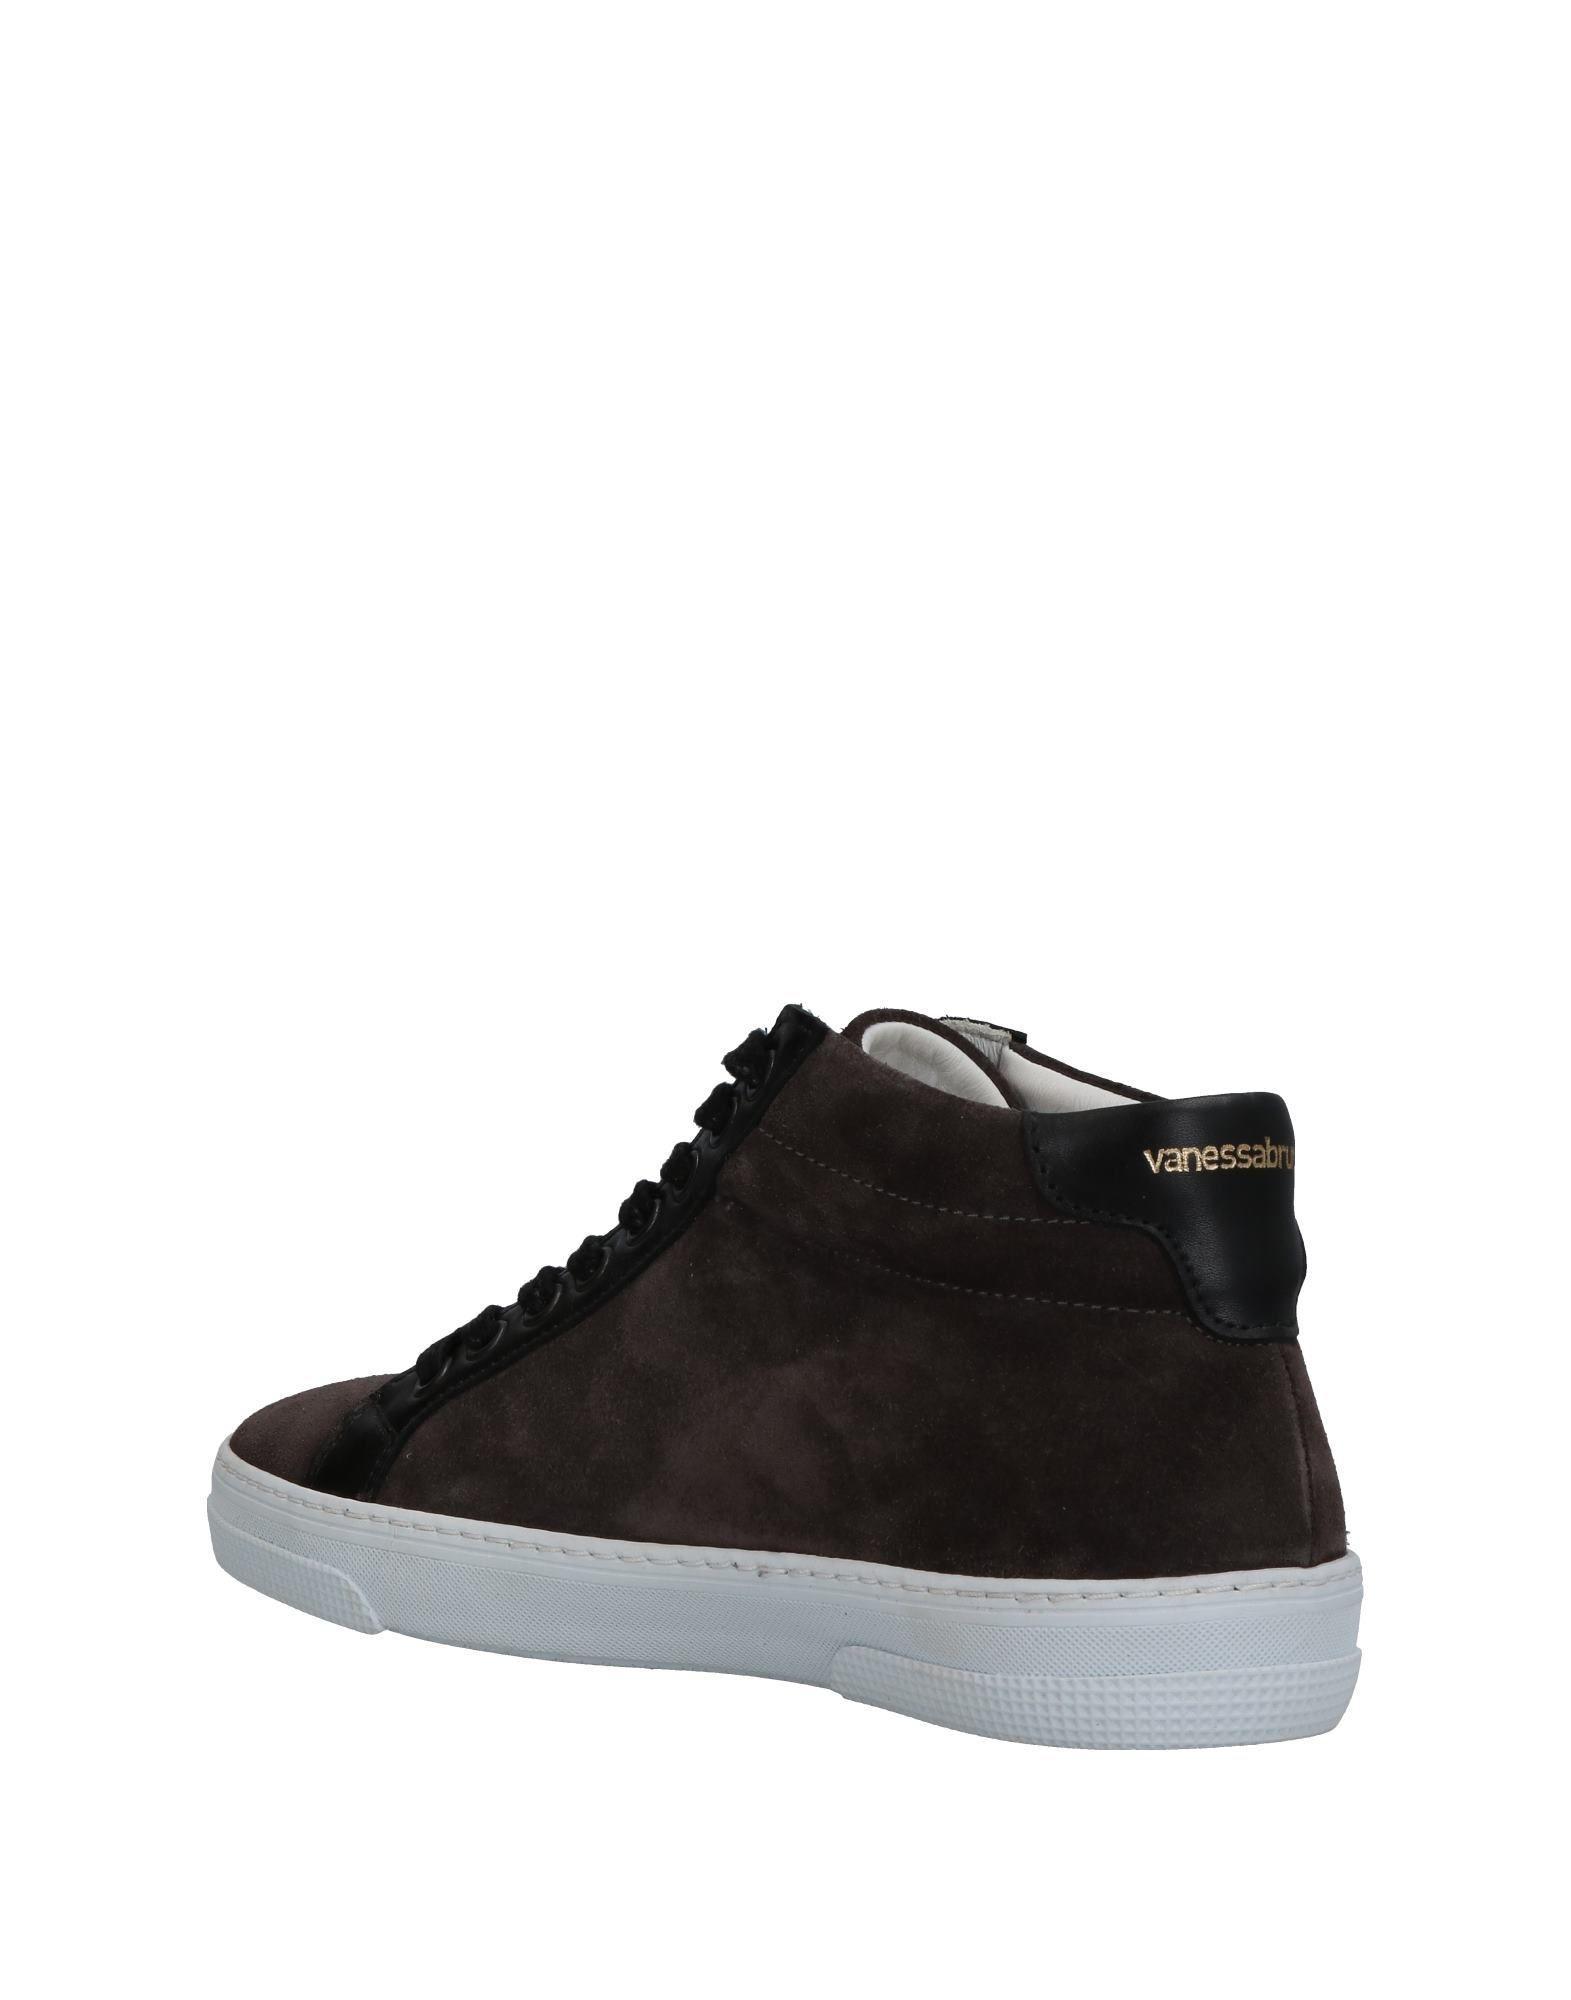 FOOTWEAR - High-tops & sneakers Vanessa Bruno 0LmStqU